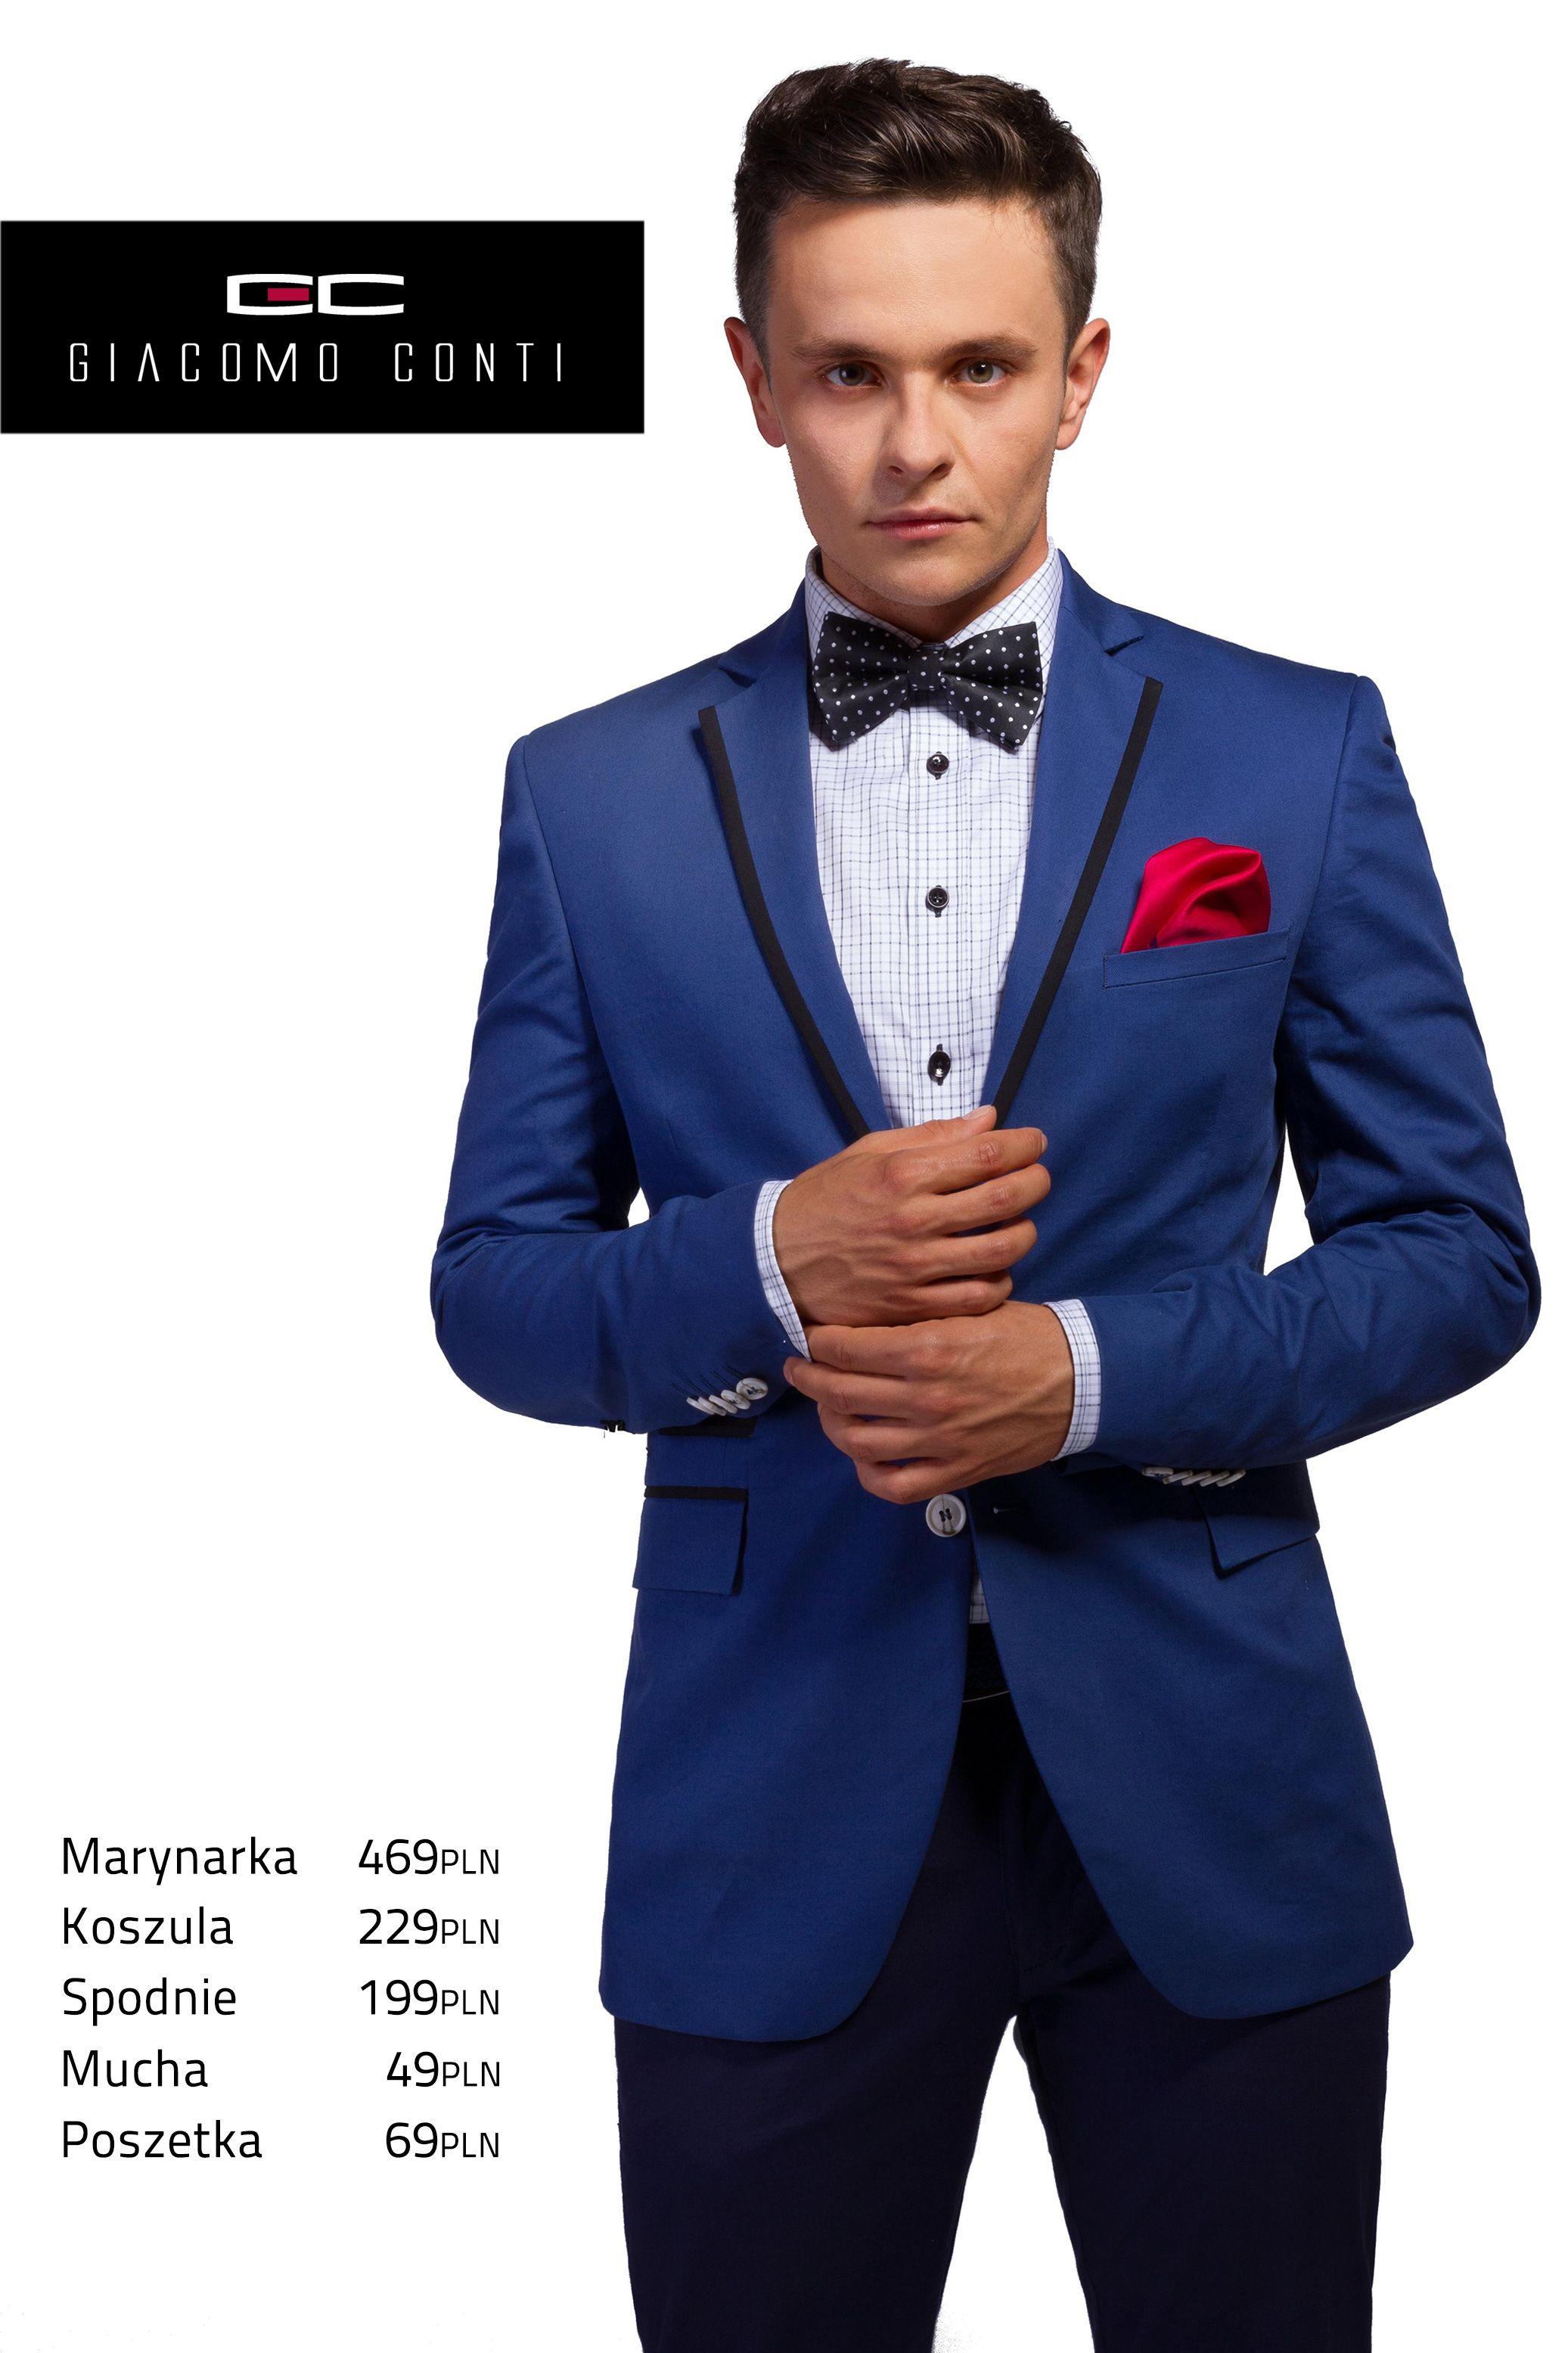 Wieczorowa Propozycja Giacomo Conti Z Niebieska Marynarka Antonio 13 19sm Z Czarnymi Wstawkami Giacomoconti Wedding Dress Suit Mens Fashion Suits Dress Suits